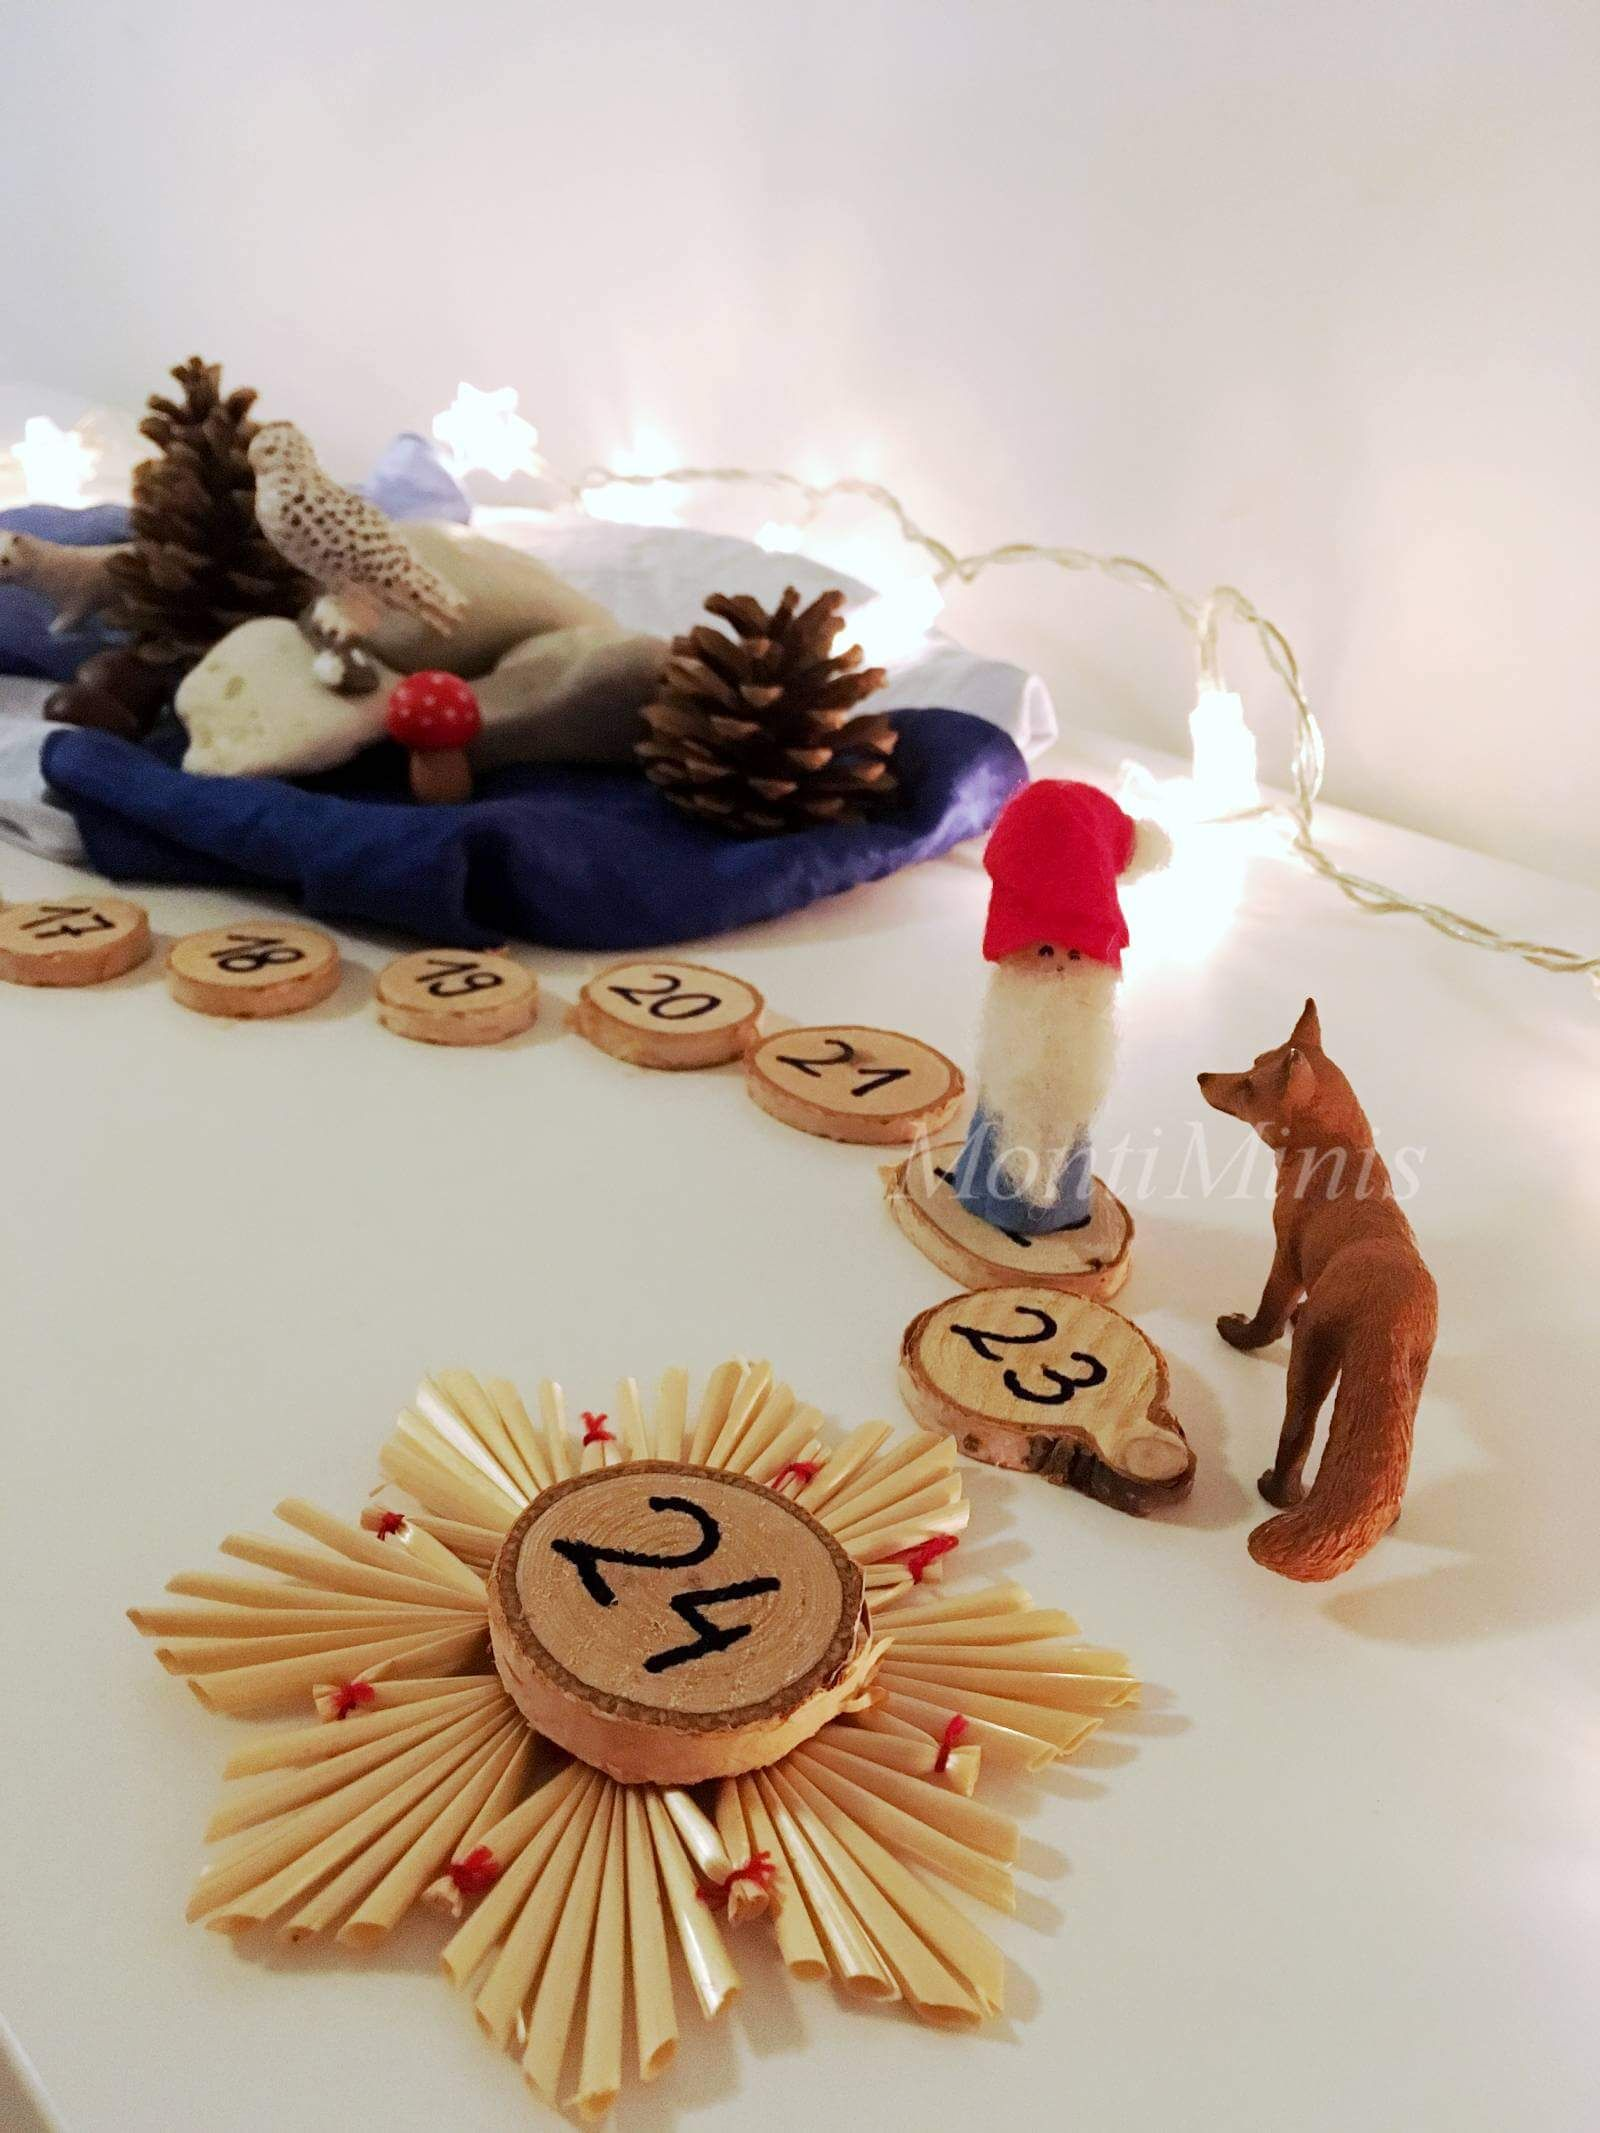 DIY Adventskalender Ideen ( ohne Süßes und Spielzeug